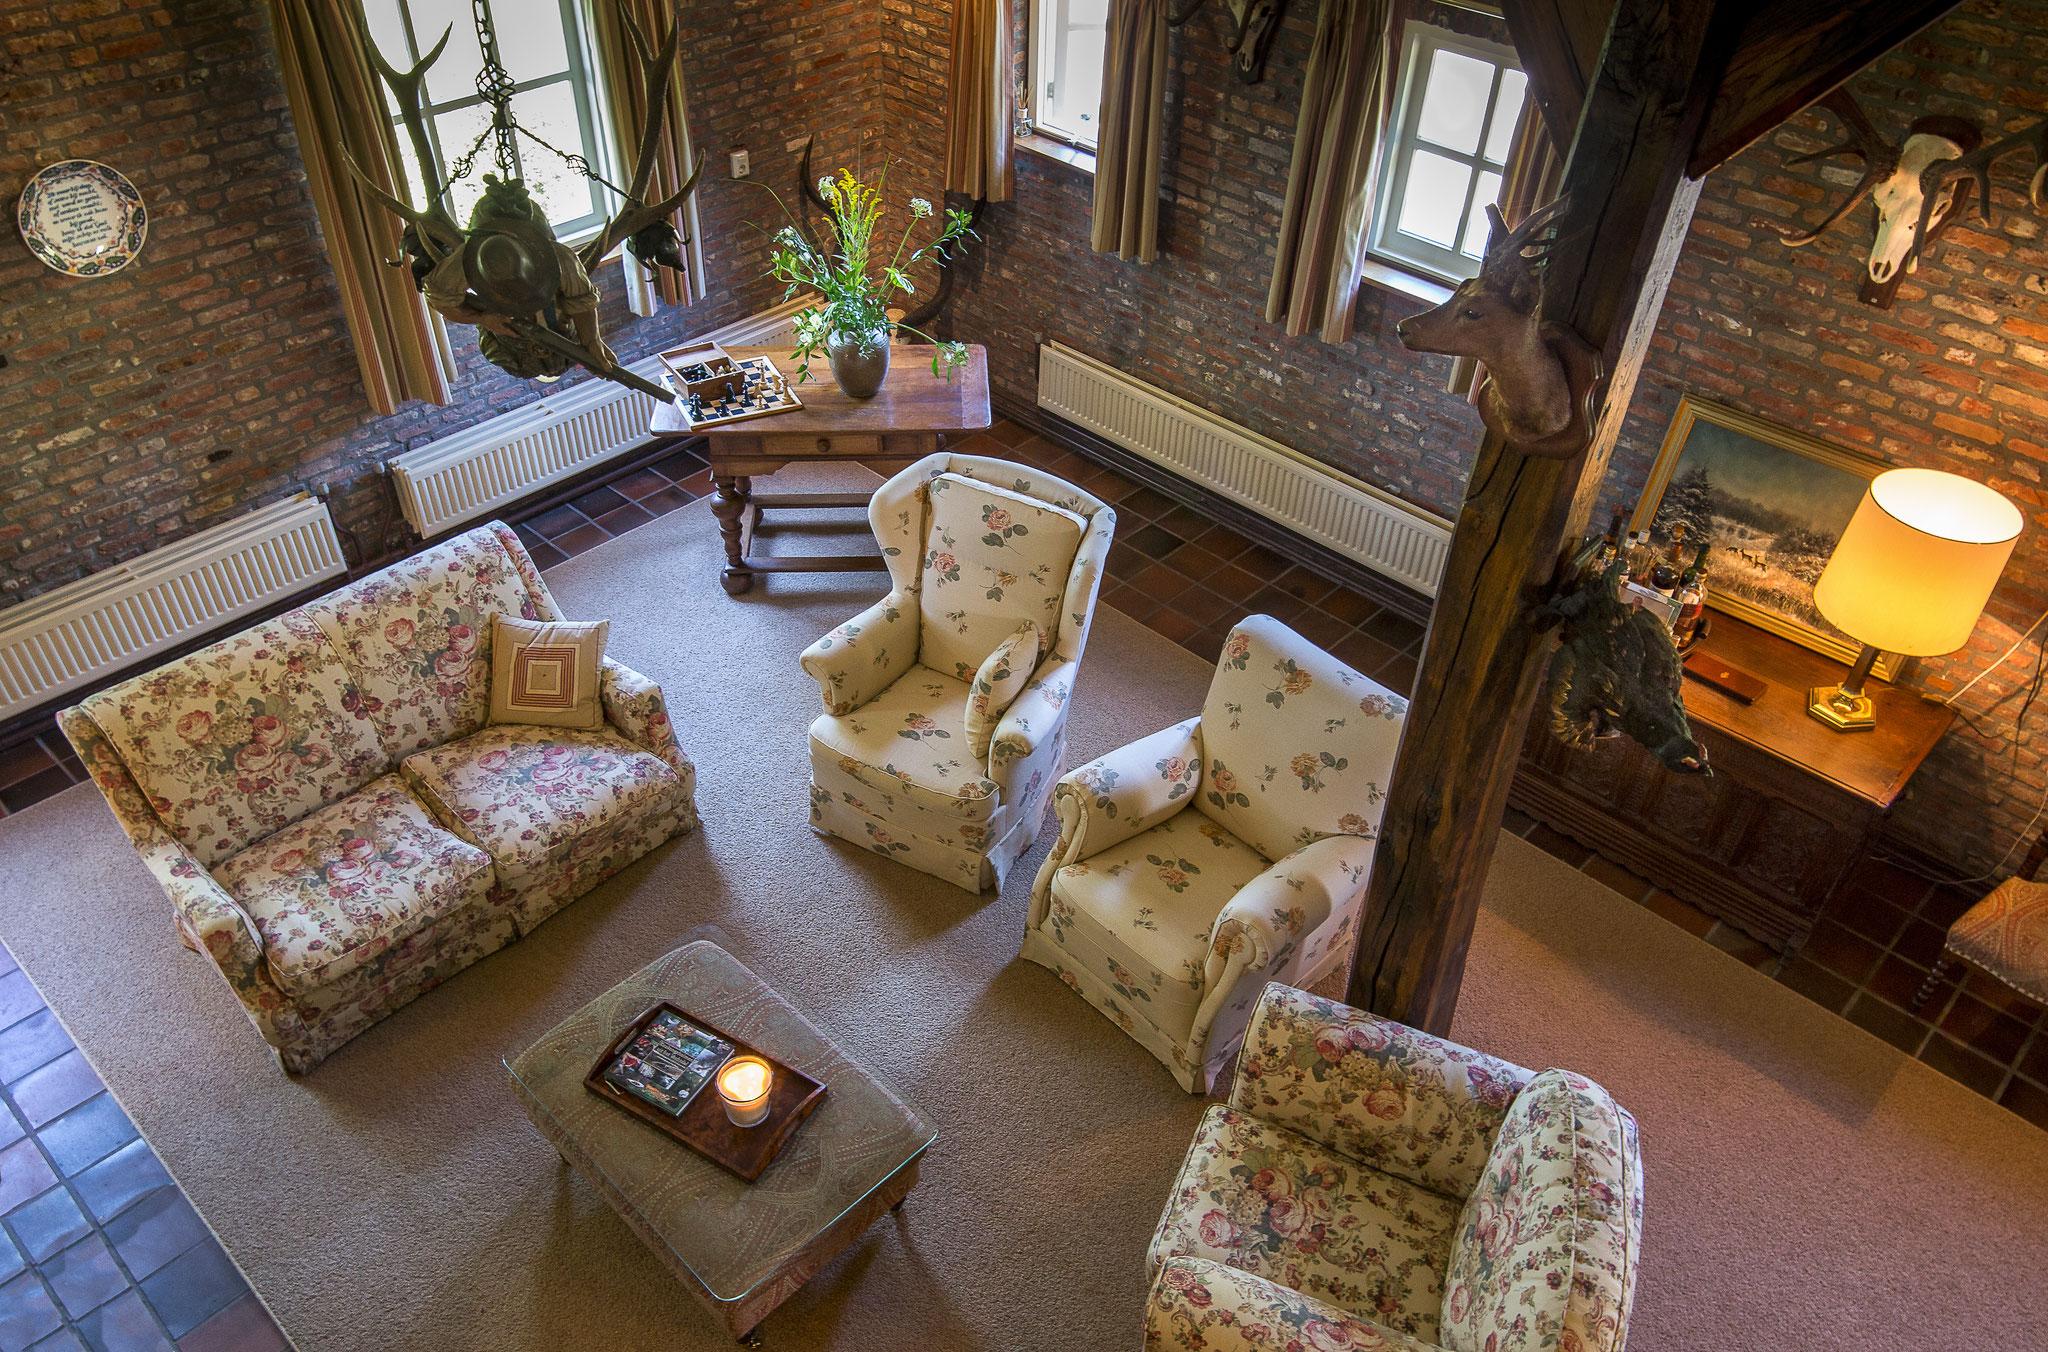 De 'Jachtkamer' gezien vanaf de vide.